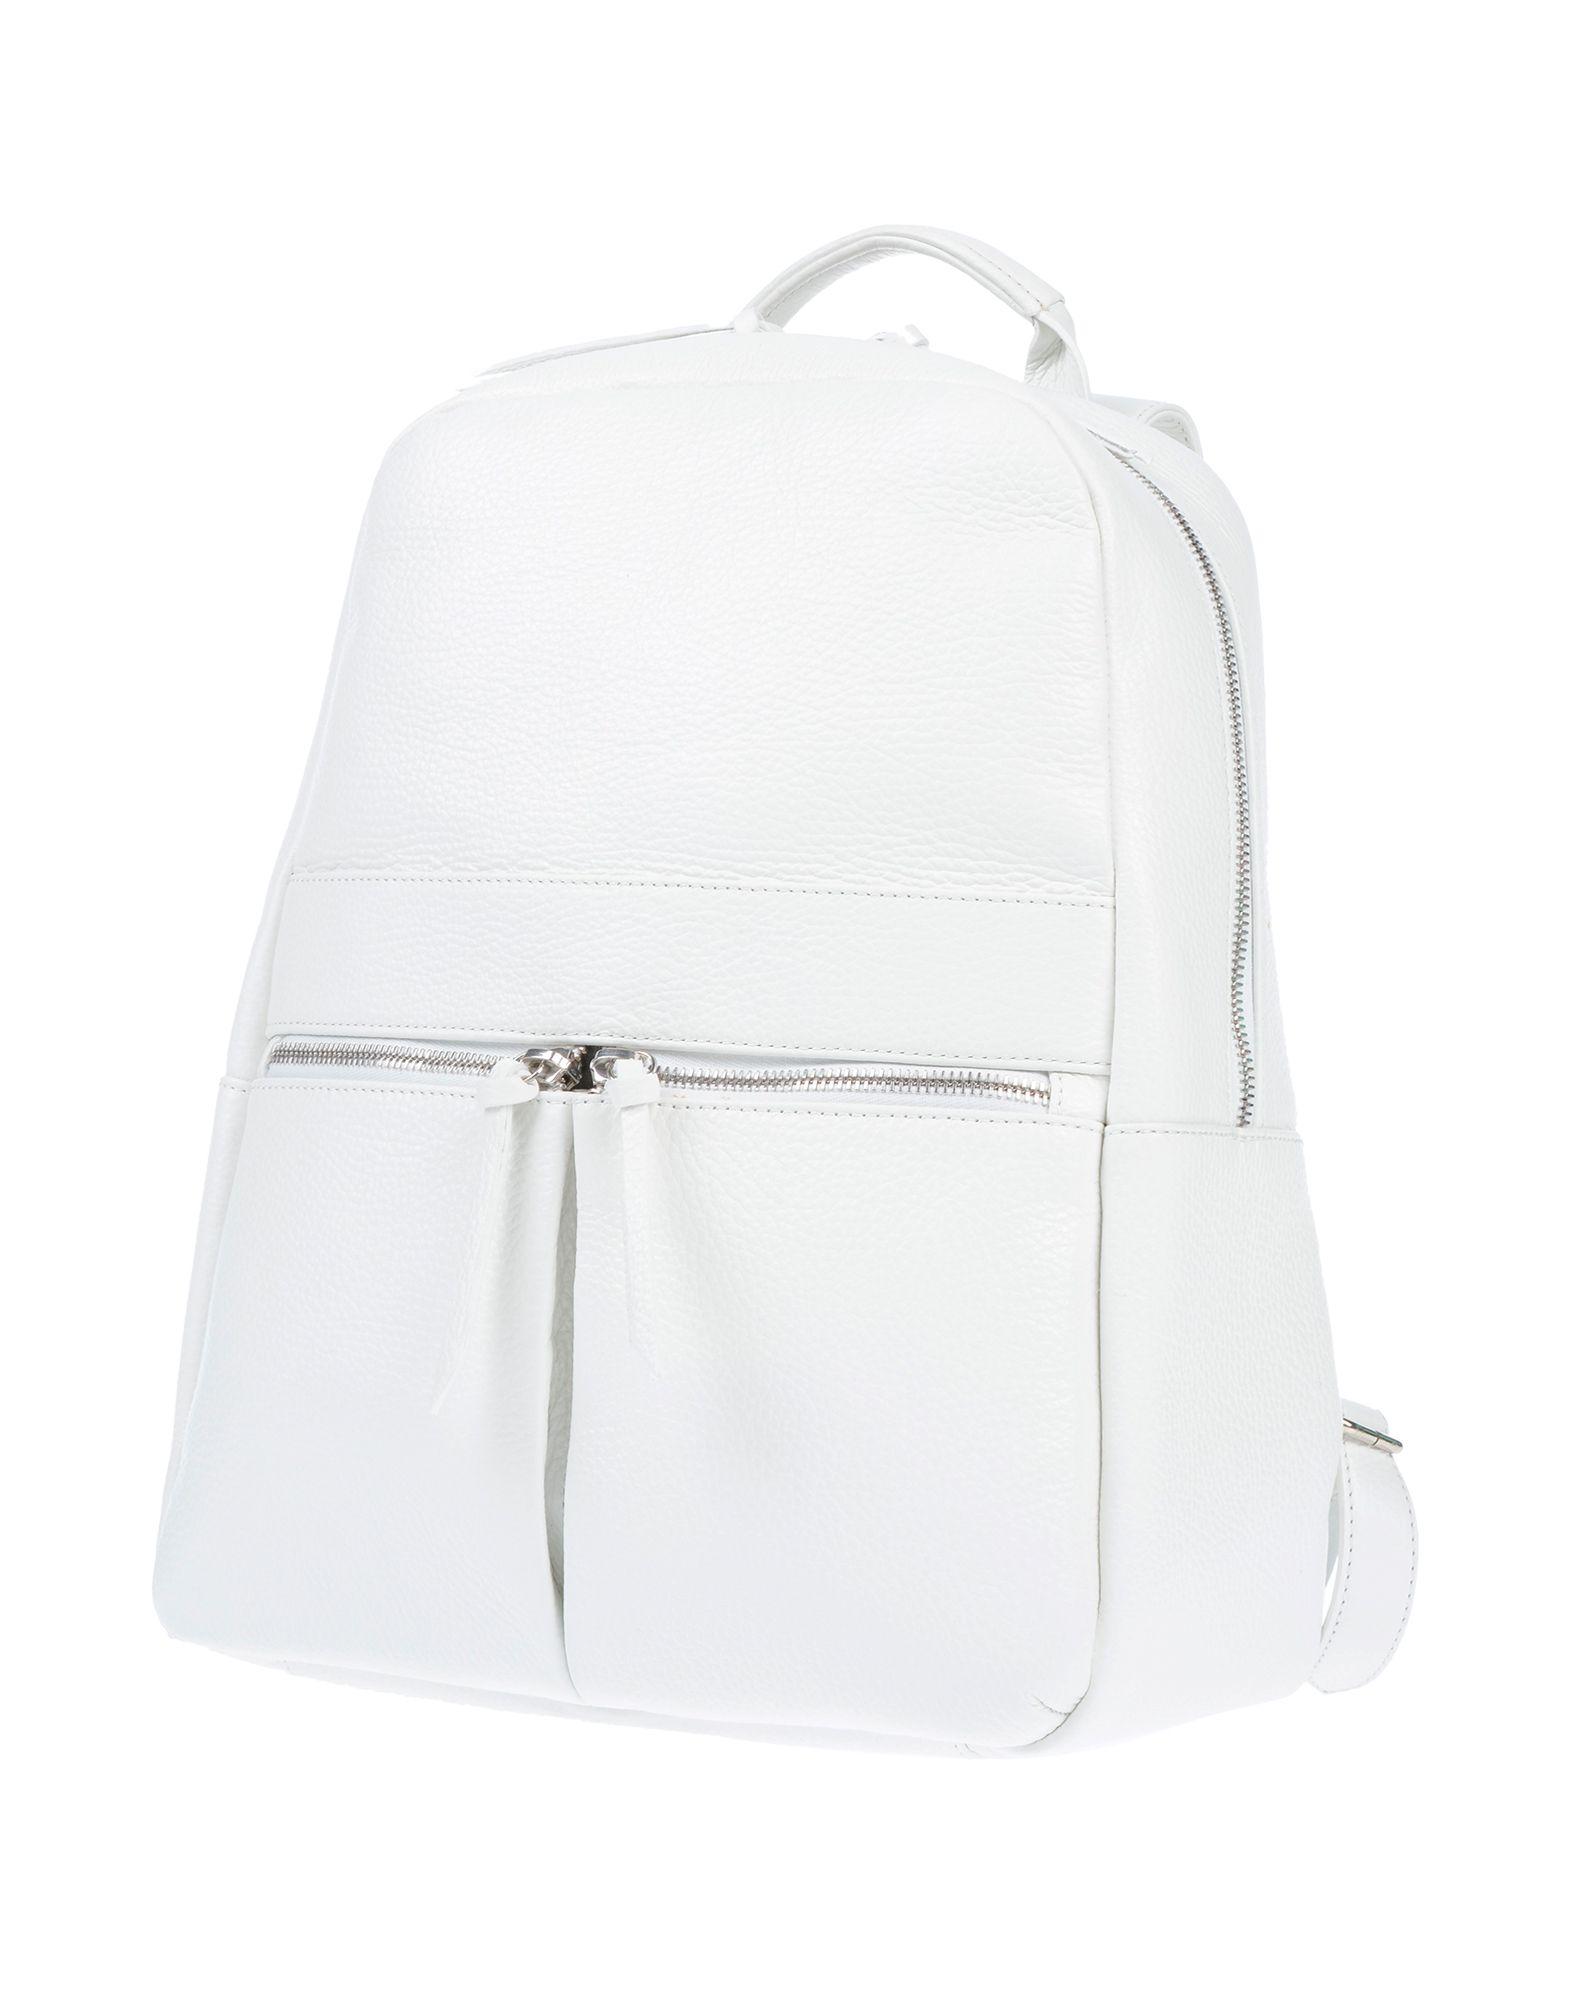 первый понедельник картинка рюкзак белый одном